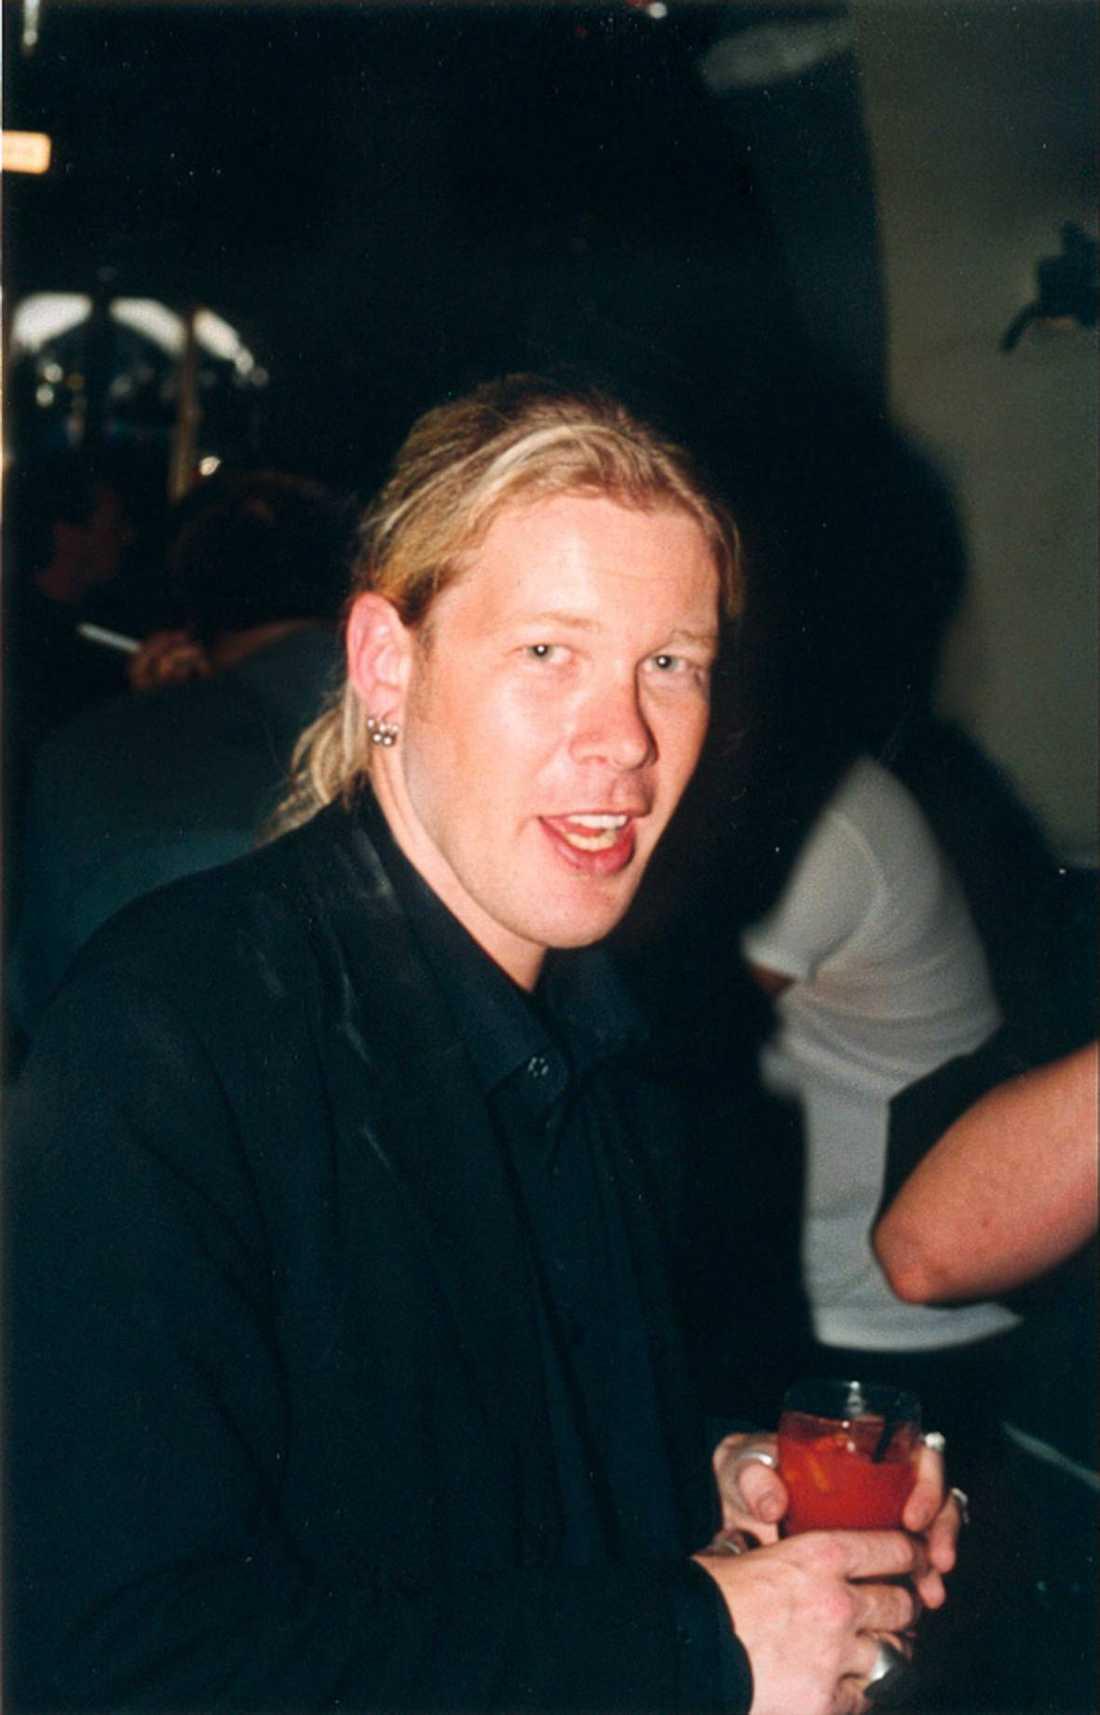 Jan Axelsson, 46, står tillsammans med sin flickvän Angelina Maccarone som ägare till Flashback. Bilden ovan är hämtad från en fest på Kristallen i början av 2000-talet.